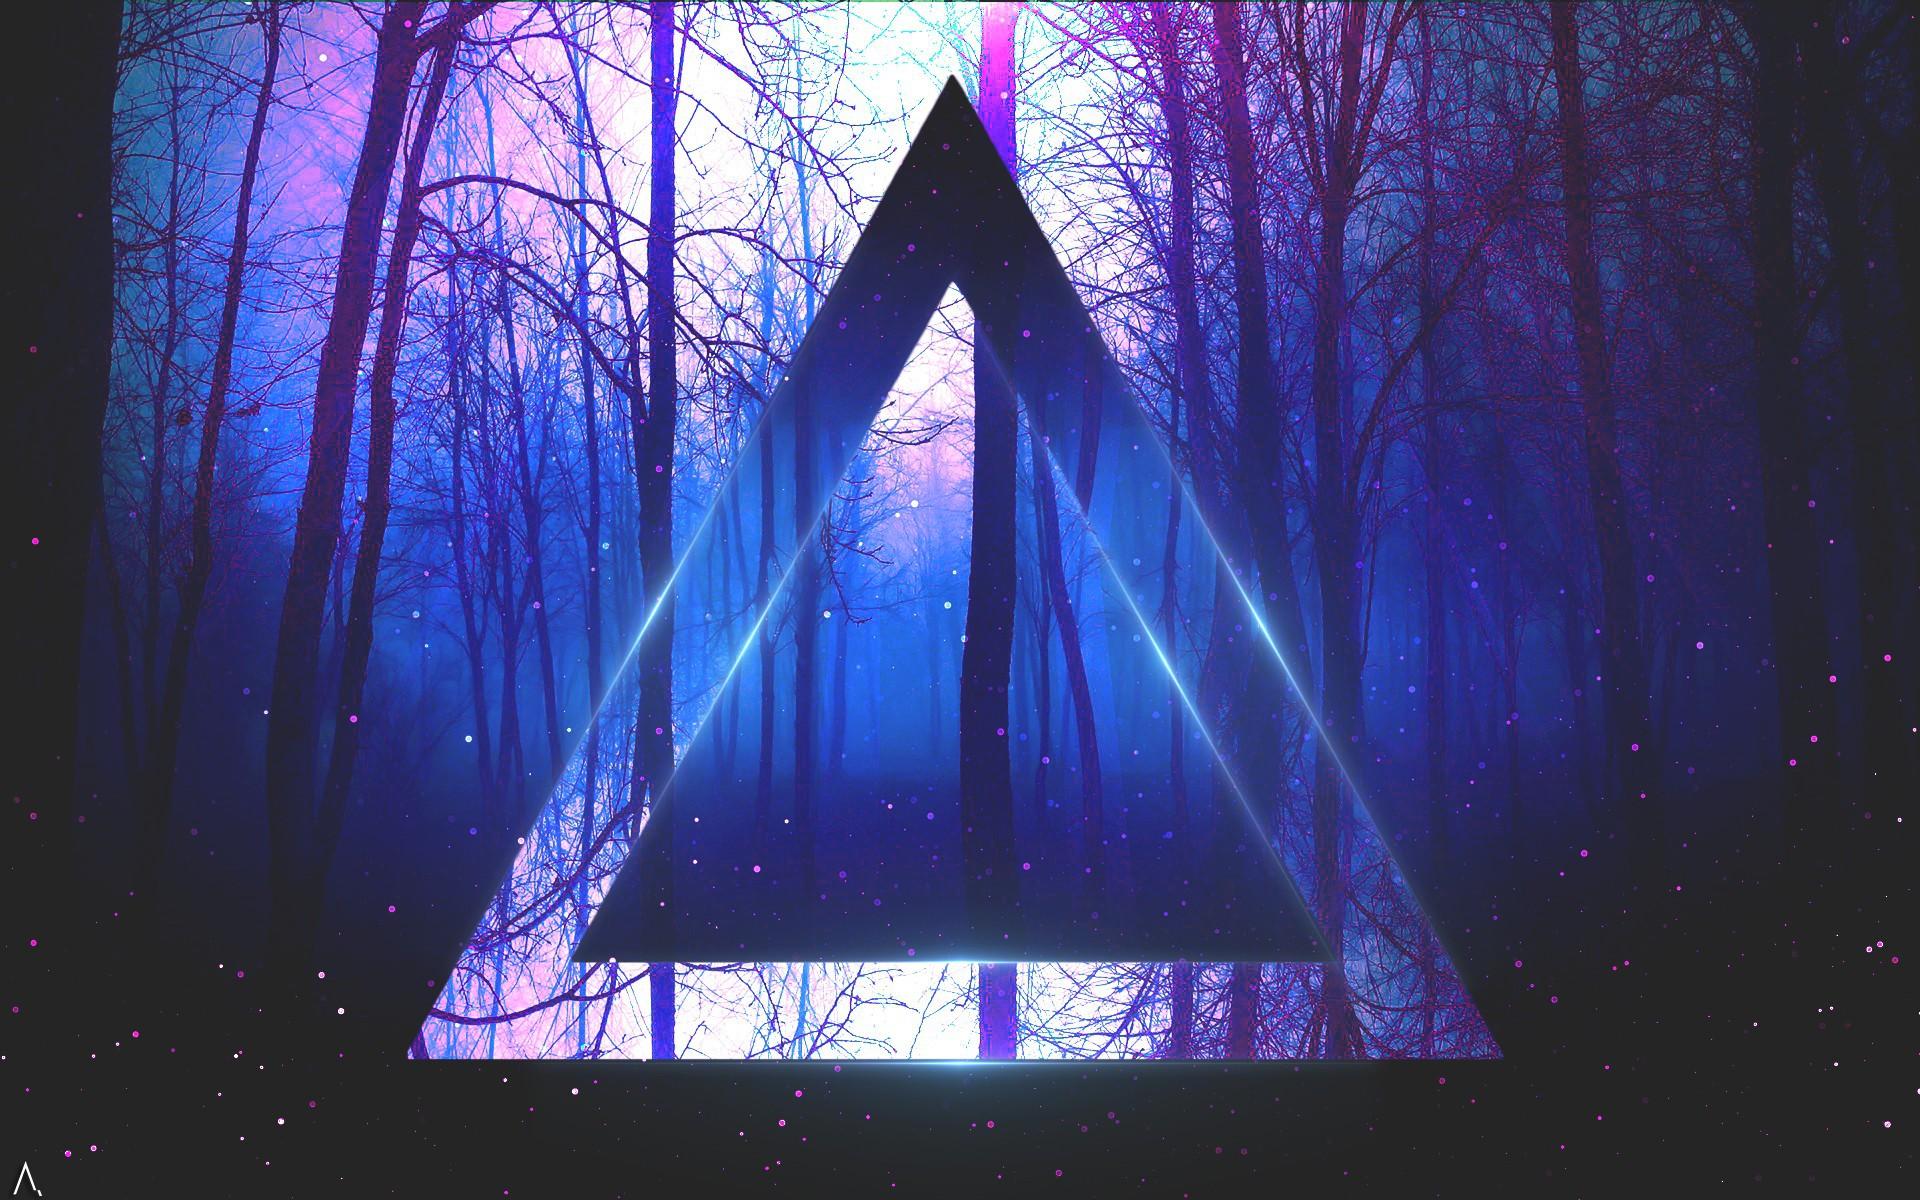 зритель красивые картинки в треугольниках нас